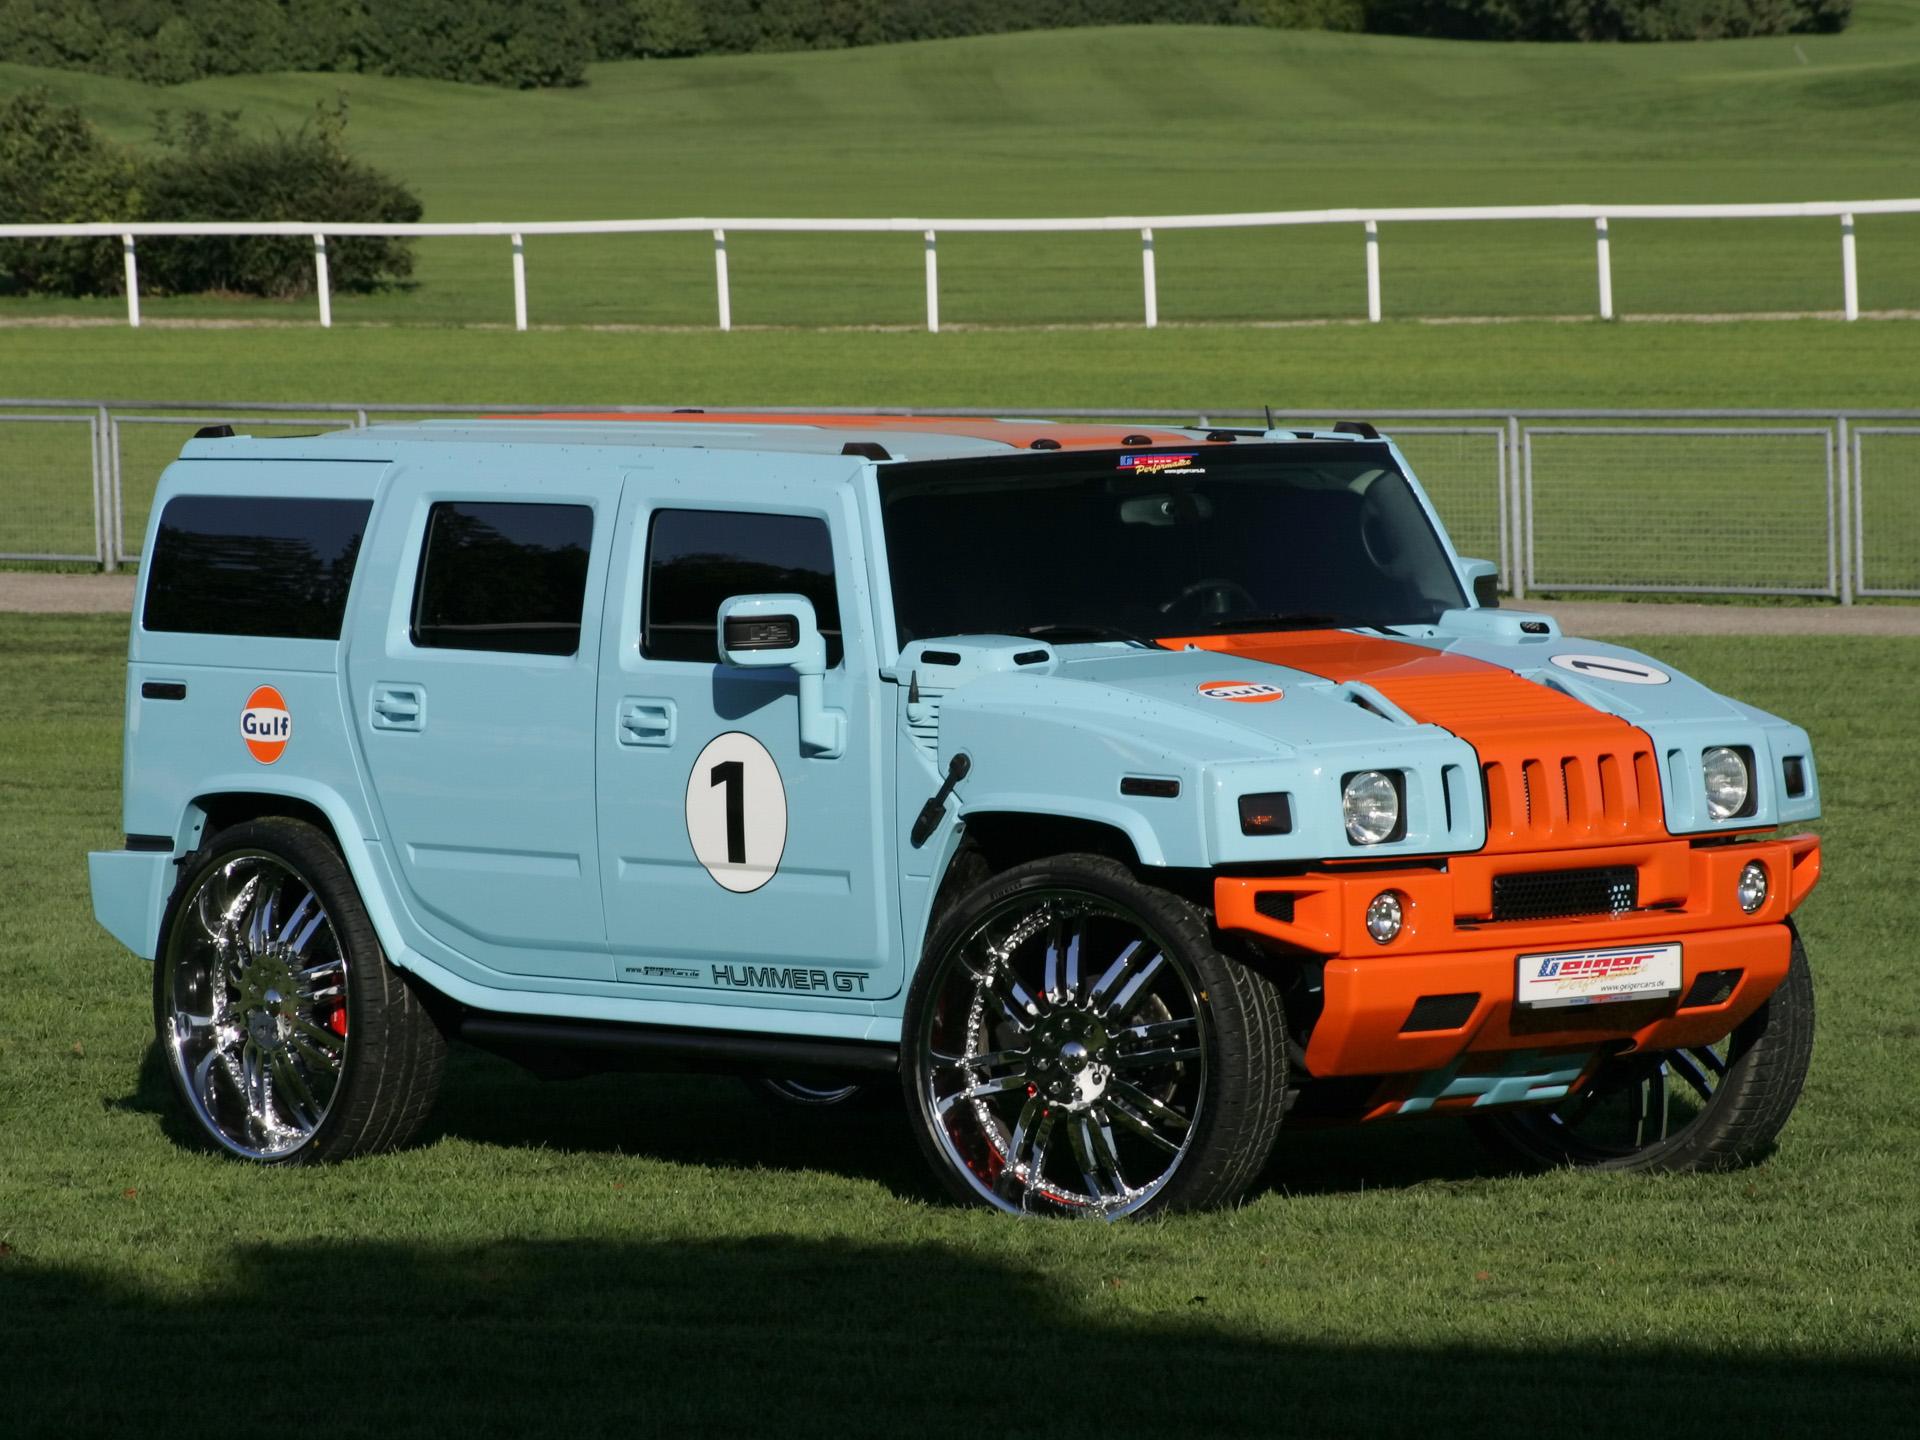 2006 Geiger H2 | conceptcarz.com